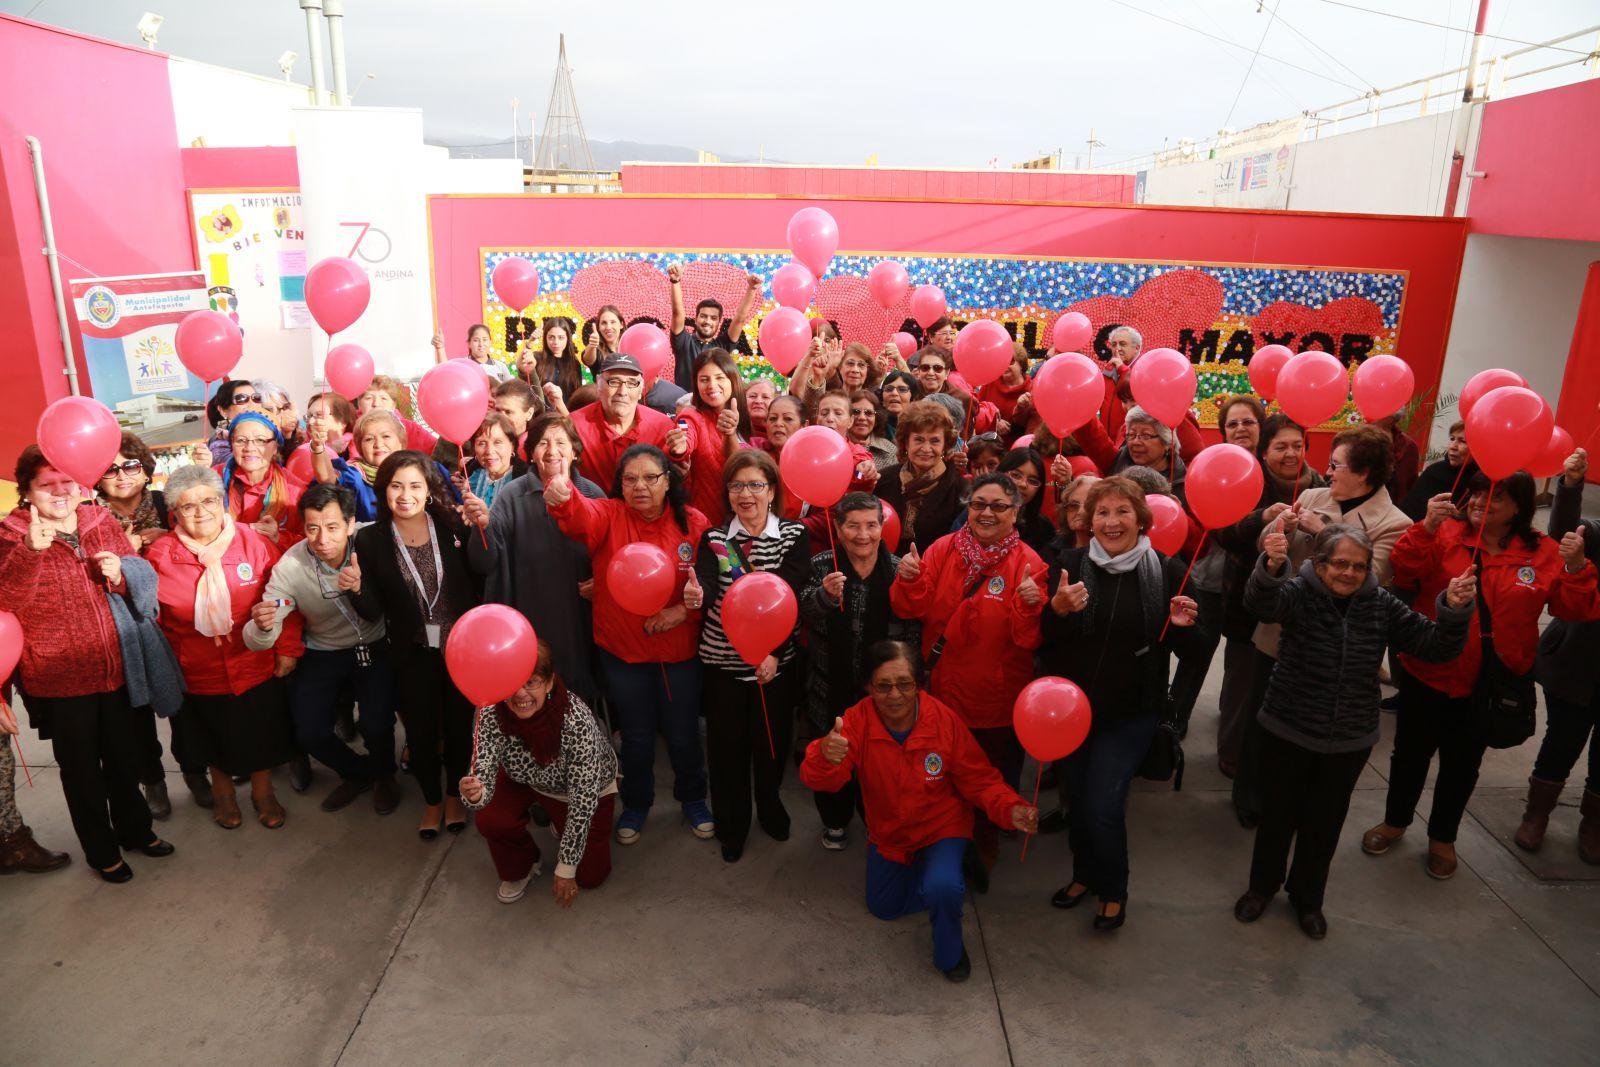 inauguran-mural-de-9-metros-hechos-con-tapas-de-bebida-en-antofagasta